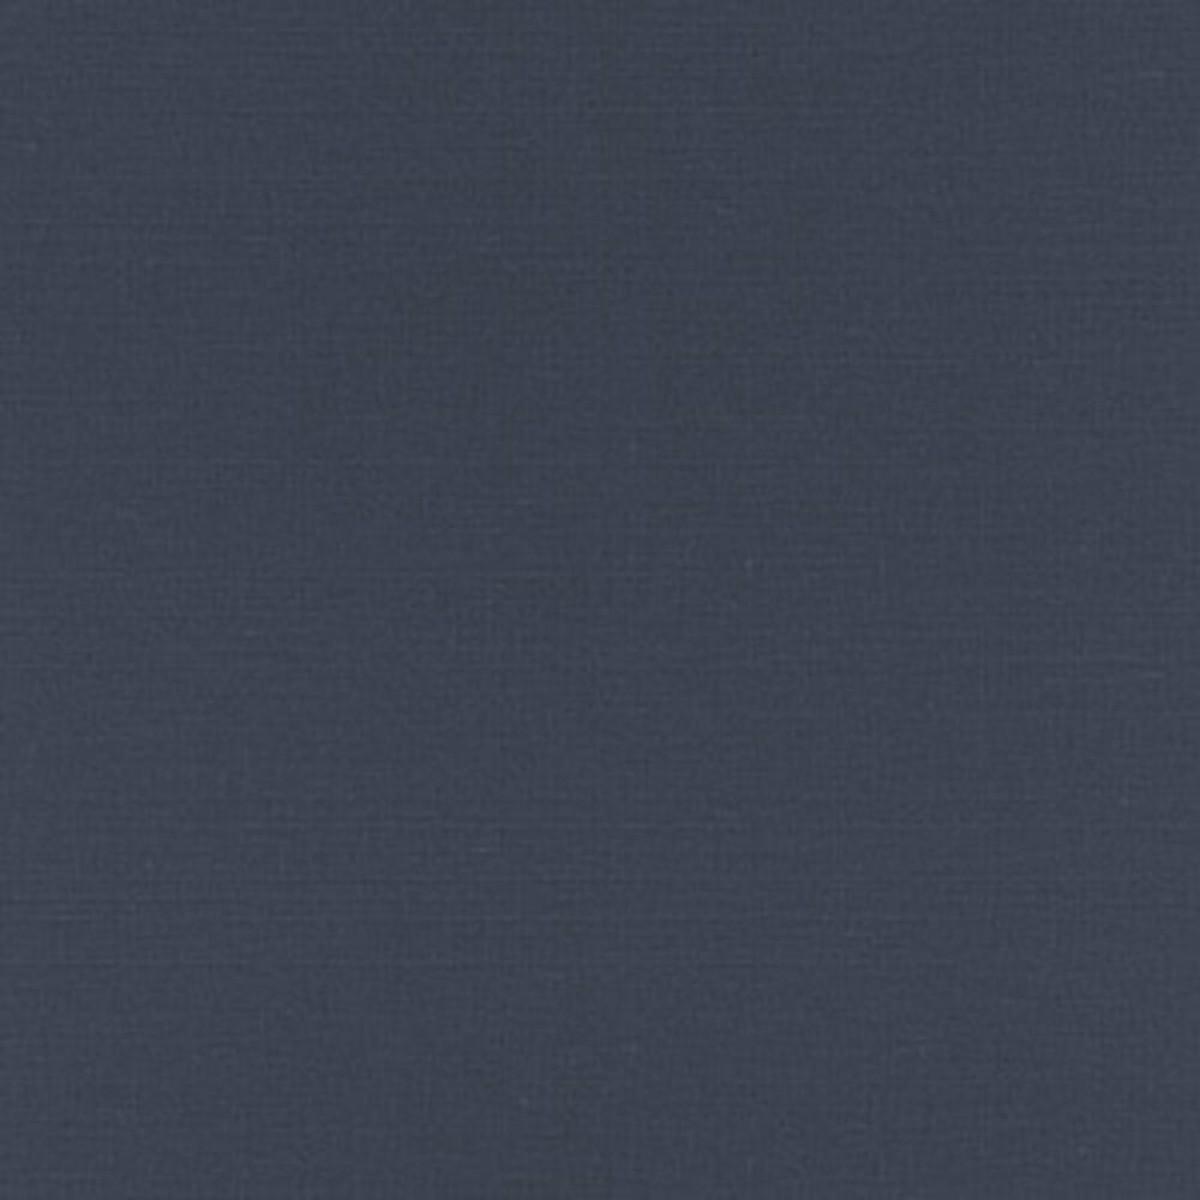 Обои флизелиновые Rasch Lazy Sunday II синие 0.53 м 401844